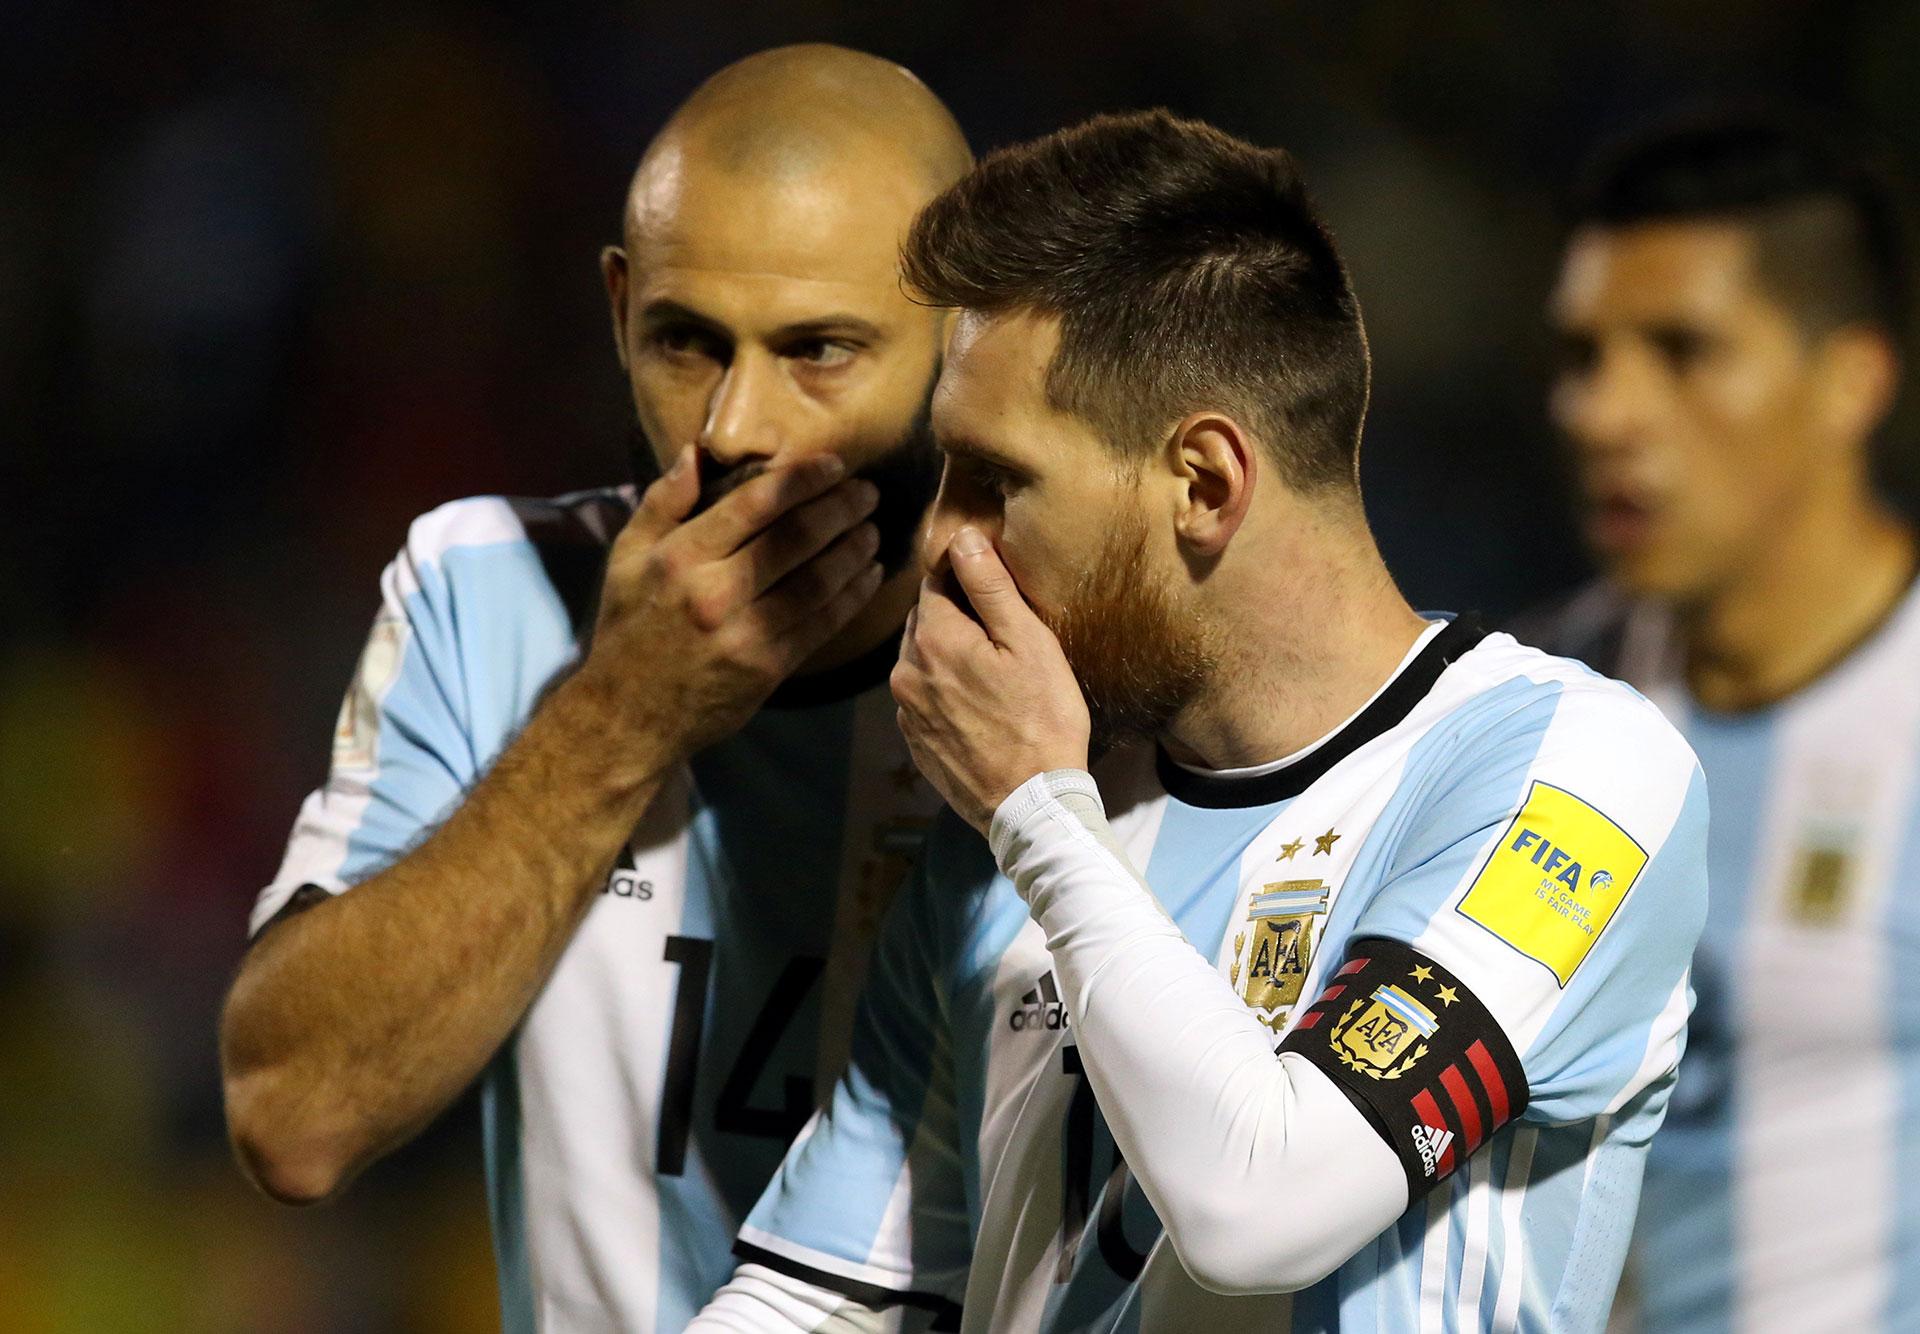 Tras el partido, los hombres del Barcelona volvieron a España en un vuelo privado